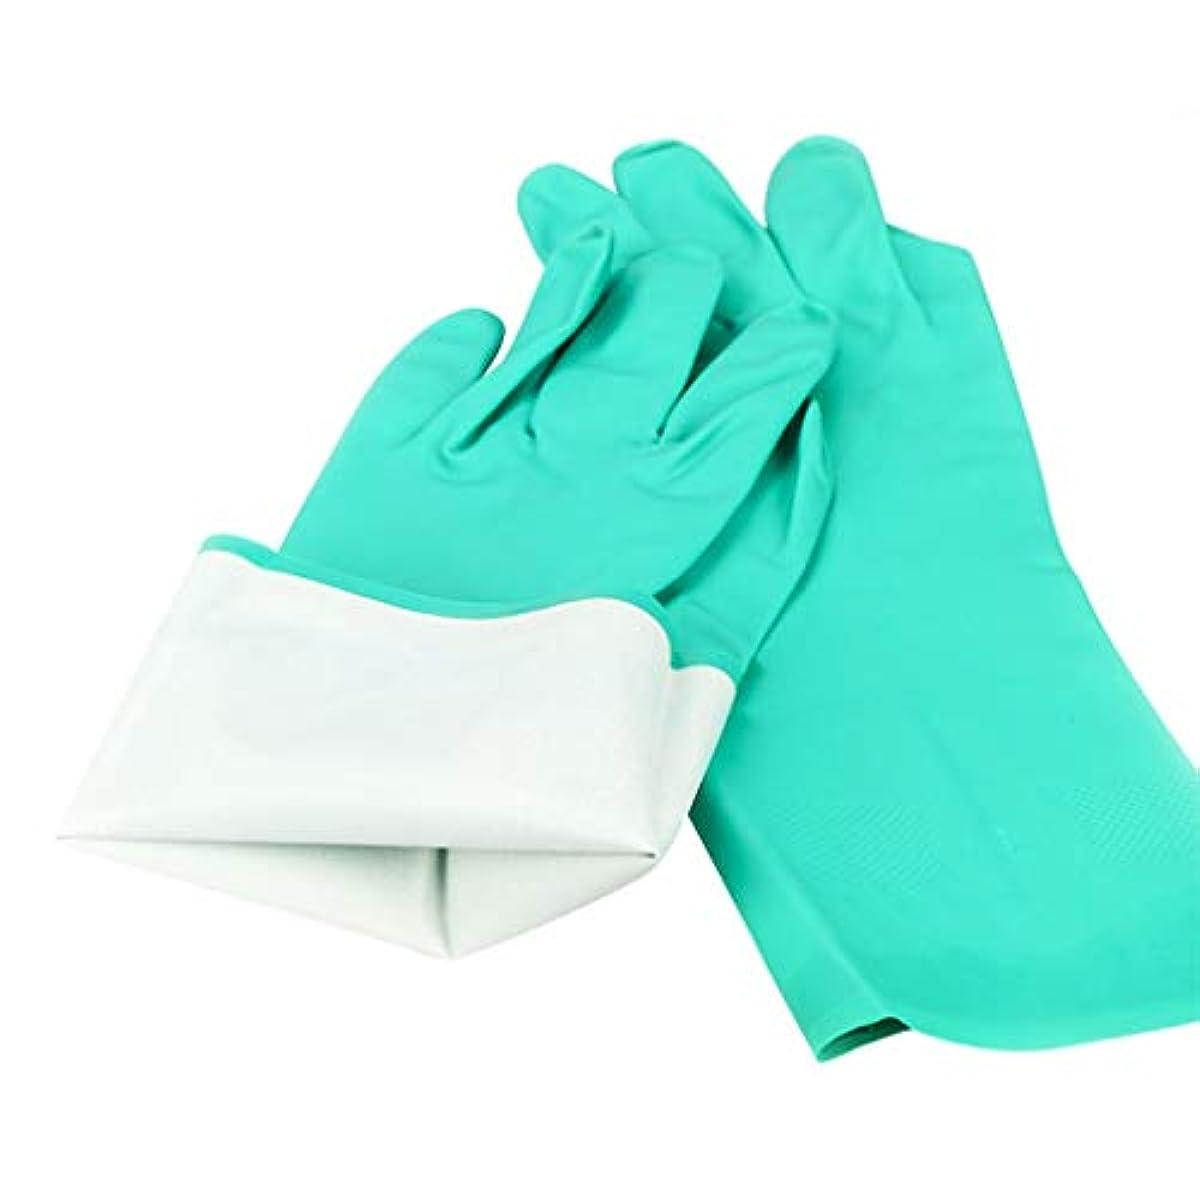 ベースのみ壮大5ペア耐油性ニトリルゴム手袋 - 耐摩耗性耐油性滑り止め安全衛生丈夫な工業用保護 YANW (色 : 緑, サイズ さいず : L l)